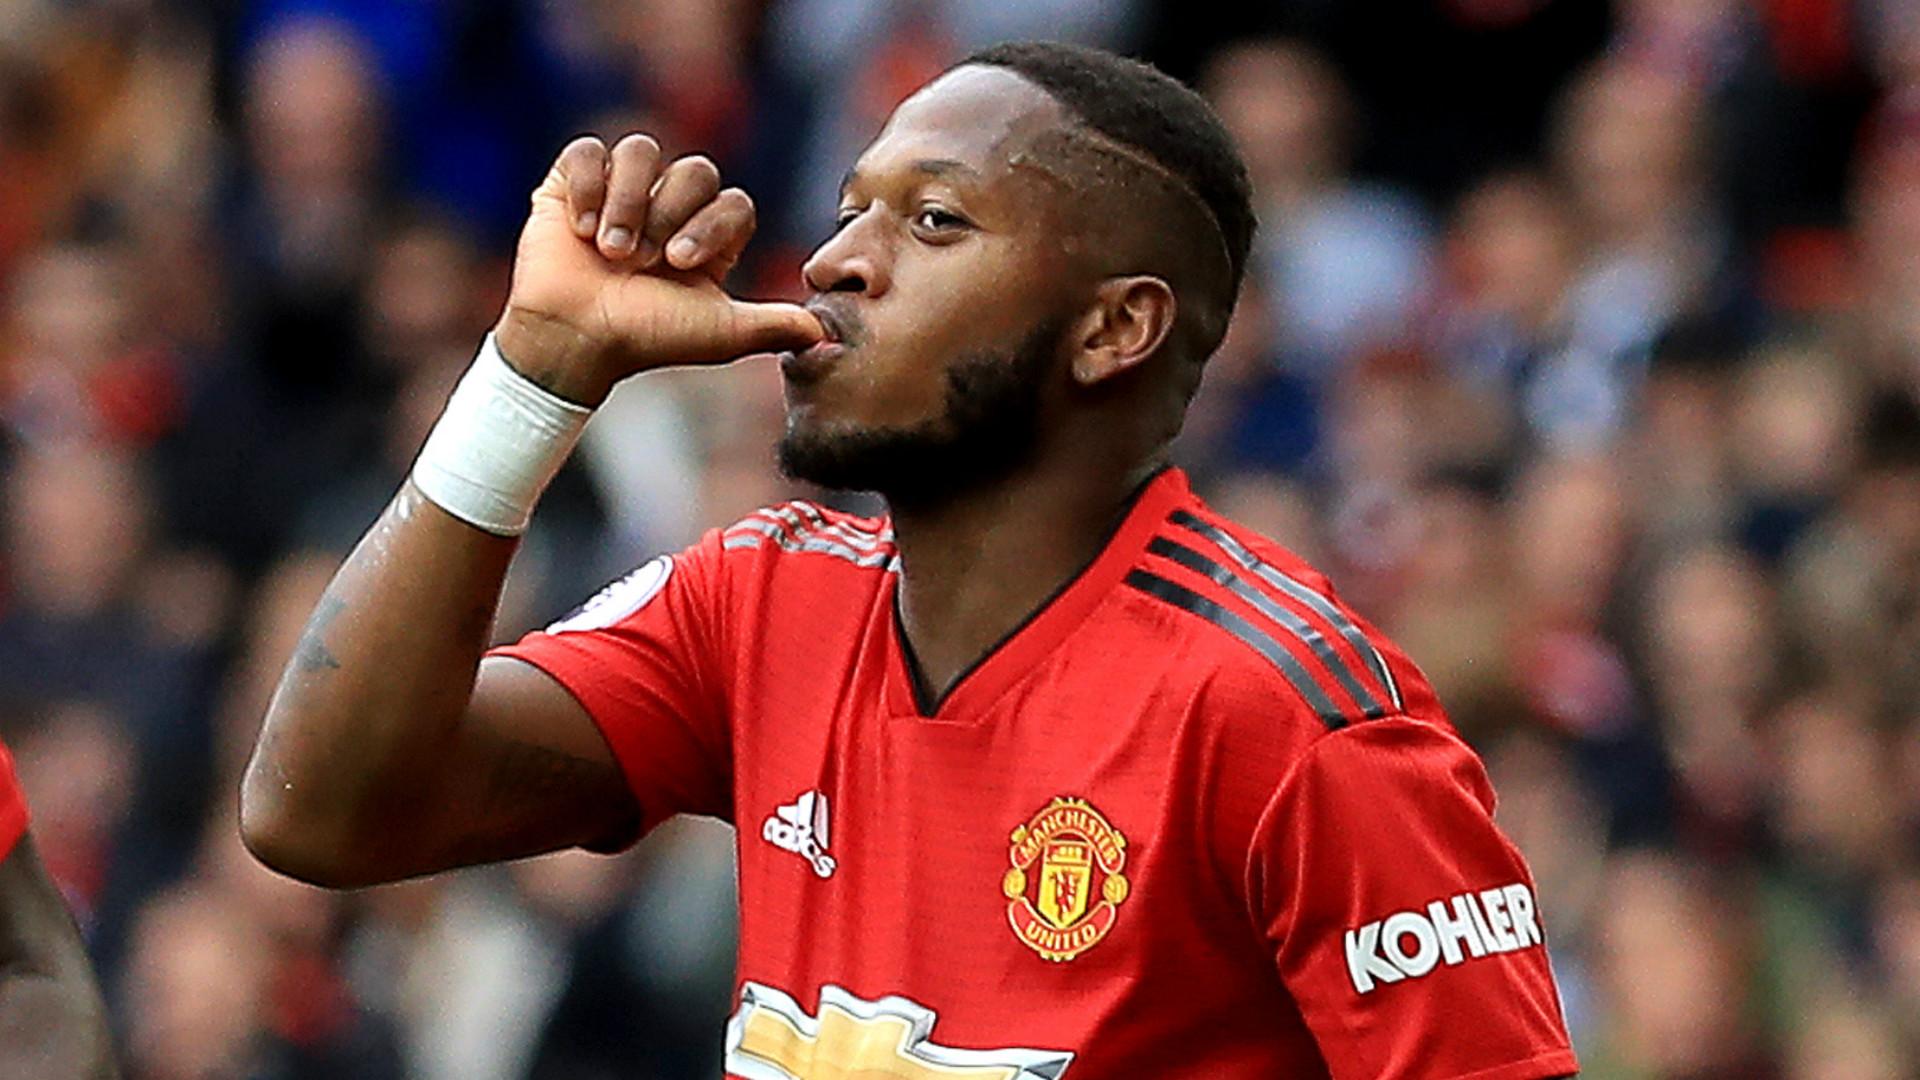 Man United : Paul Pogba remet en cause la tactique de Mourinho